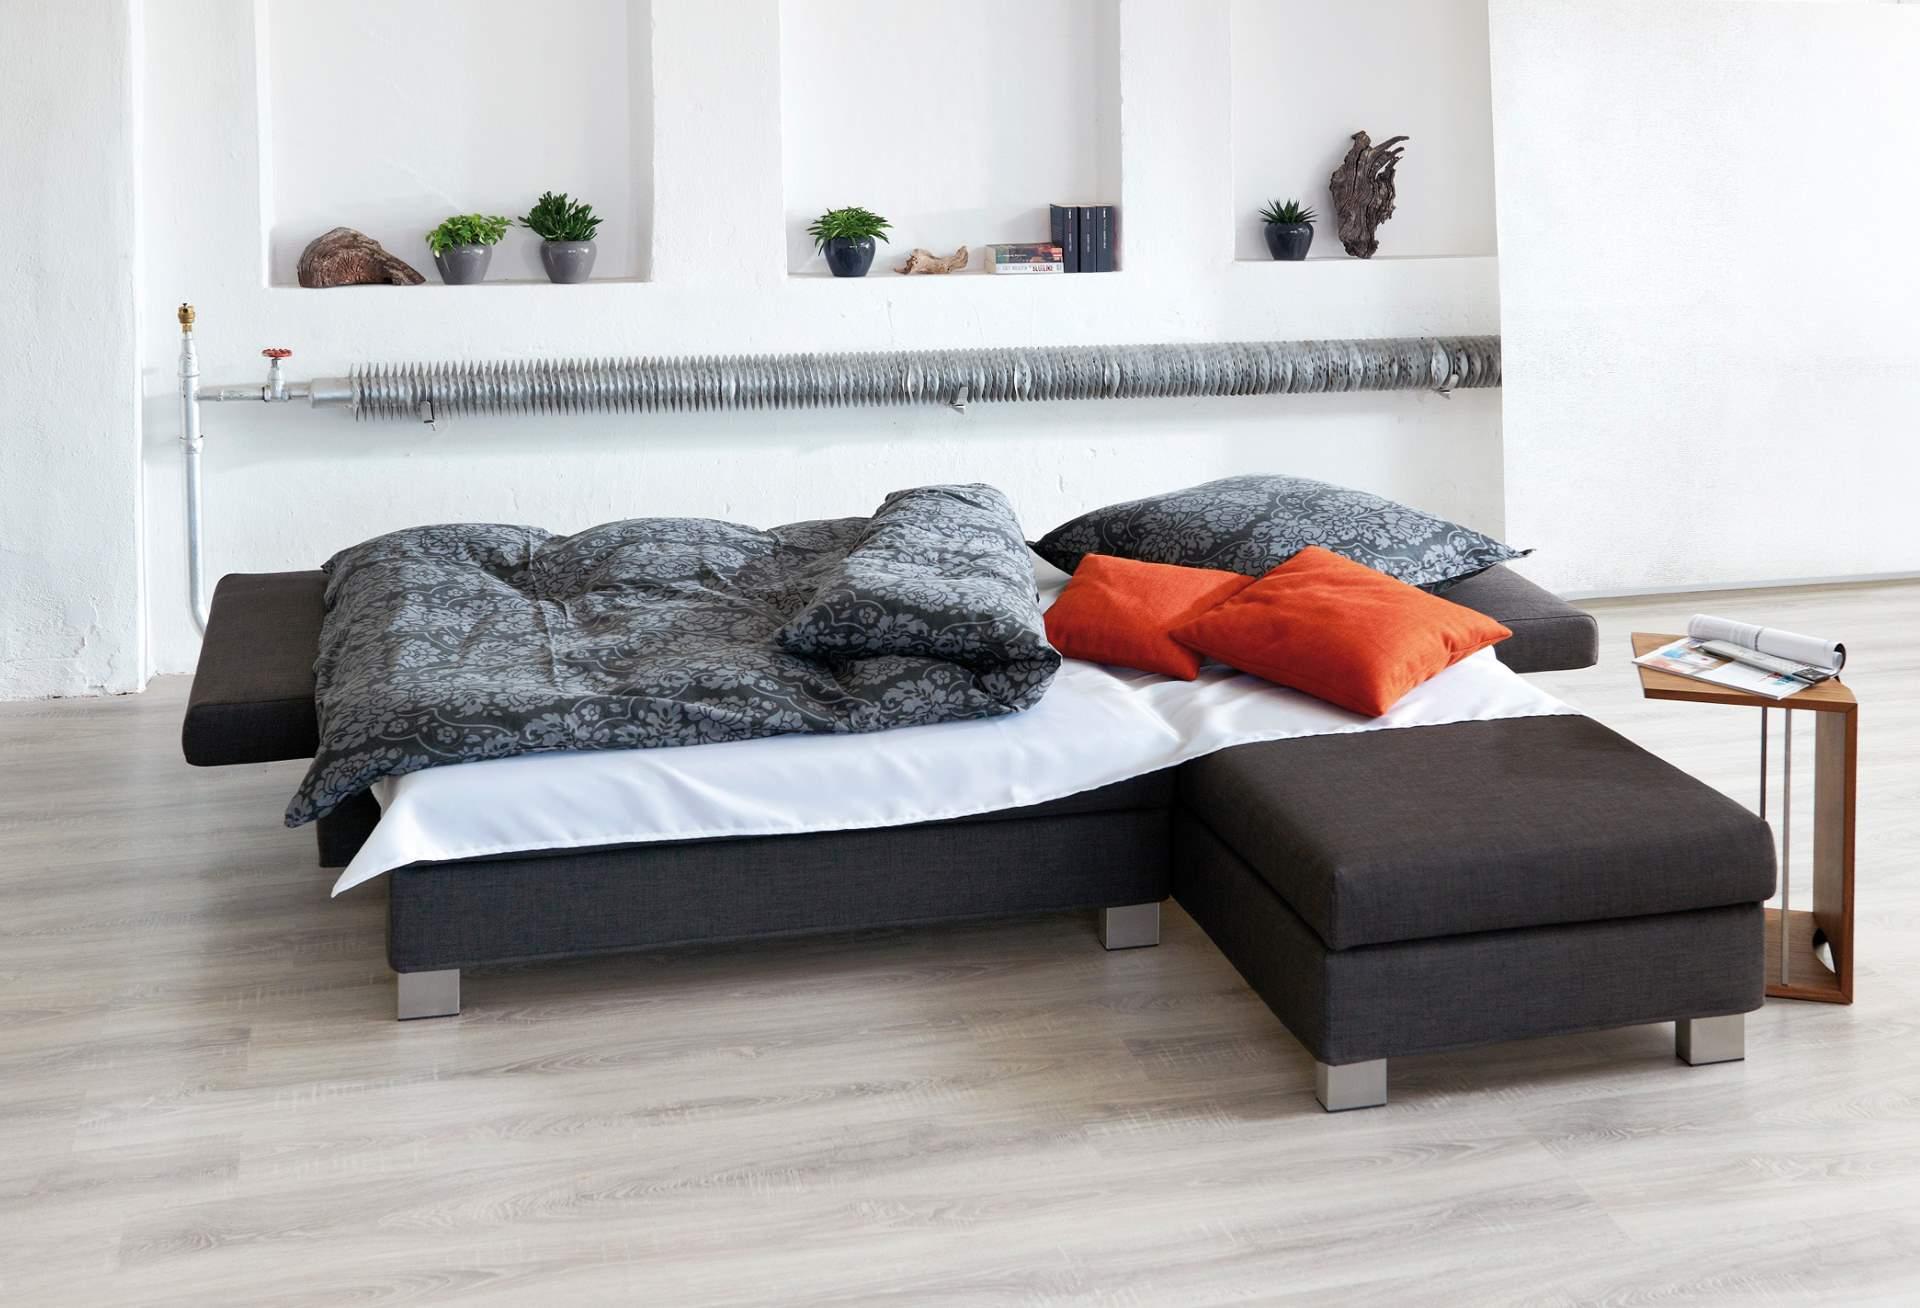 Aktions-Eckschlafsofakombination Linus in der Schlafposition